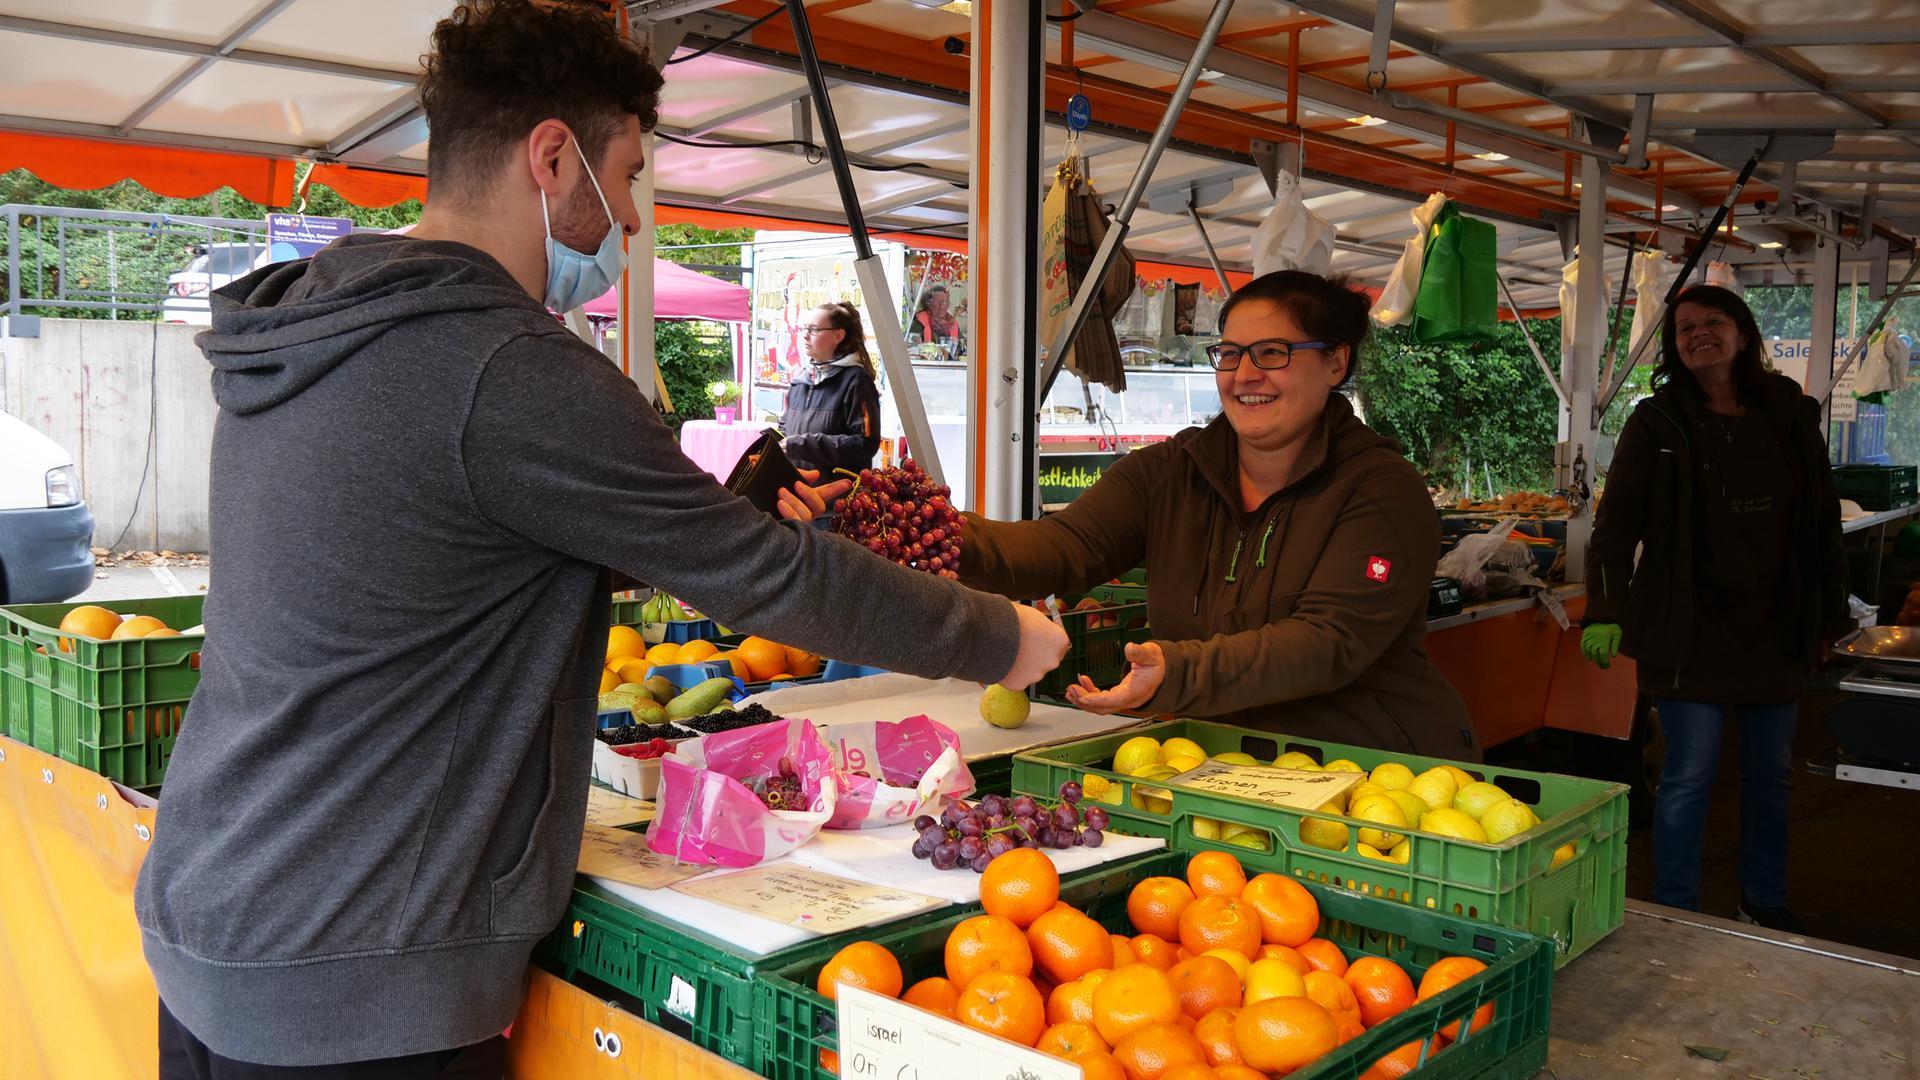 Bei Aline Salewski aus Ispringen (rechts) gehen die Trauben in diesem Jahr besonders gut